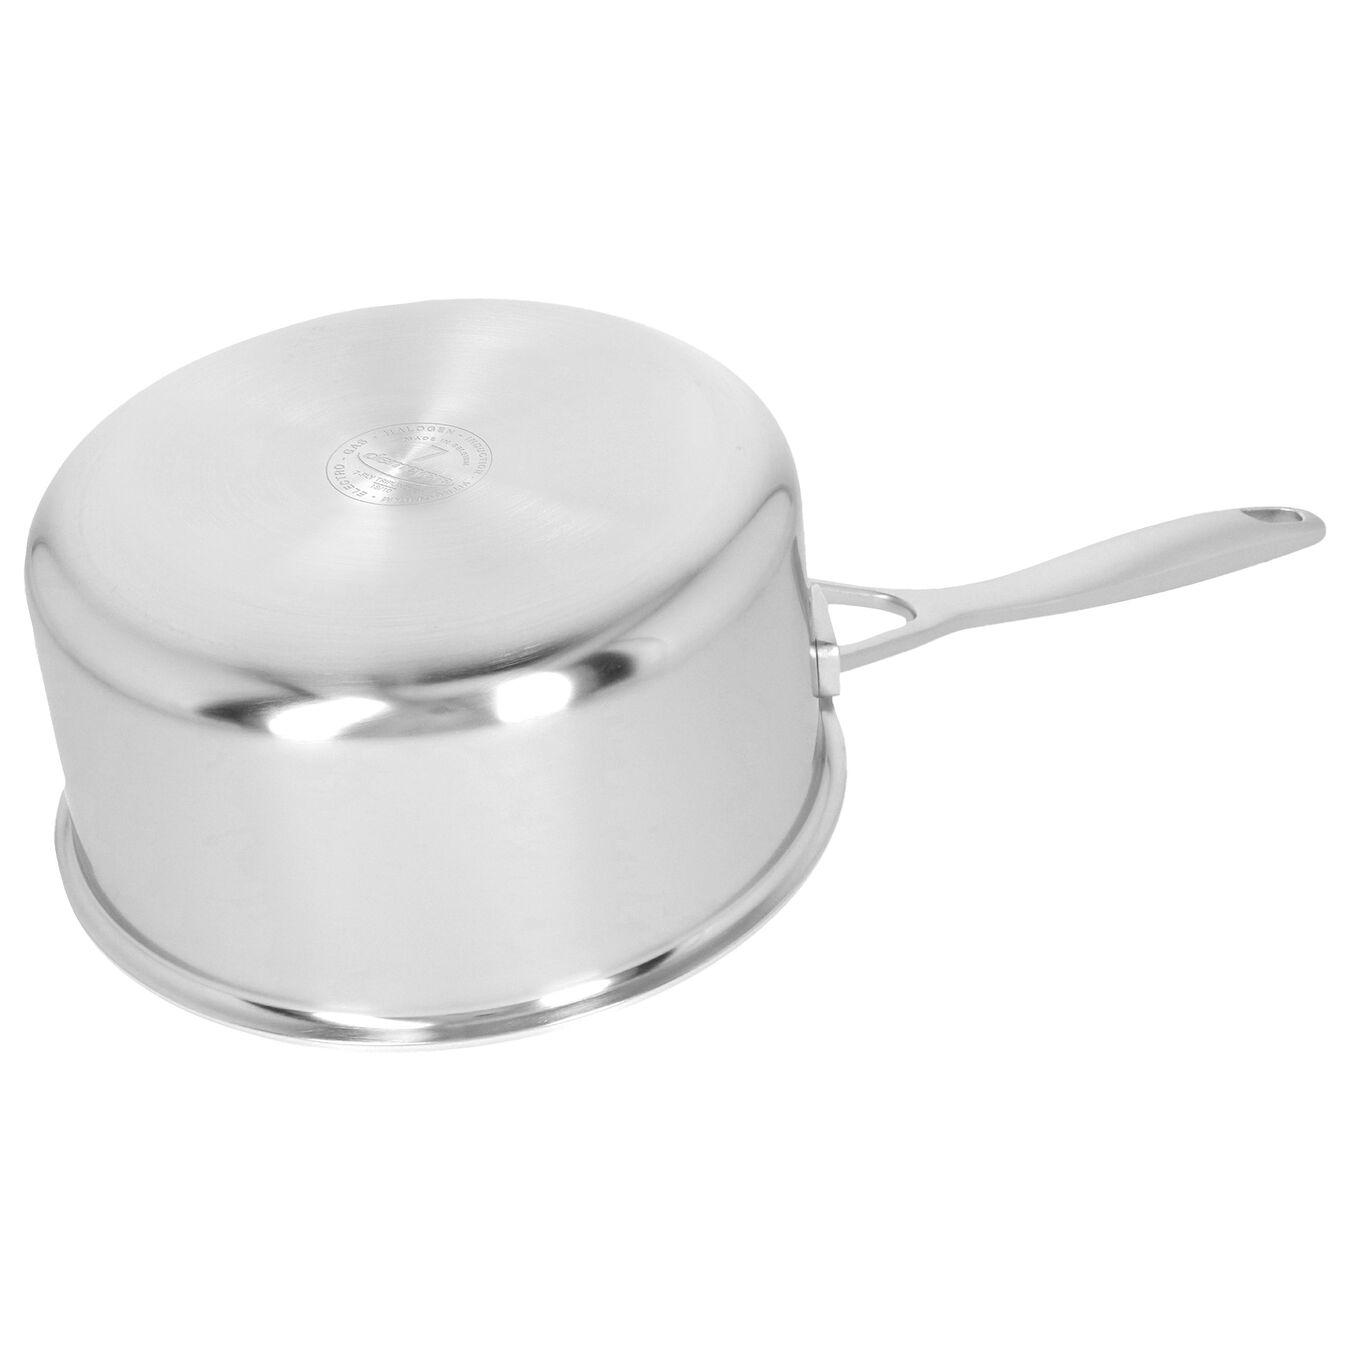 Casseruola con manico con coperchio - 18 cm, 18/10 acciaio inossidabile,,large 2